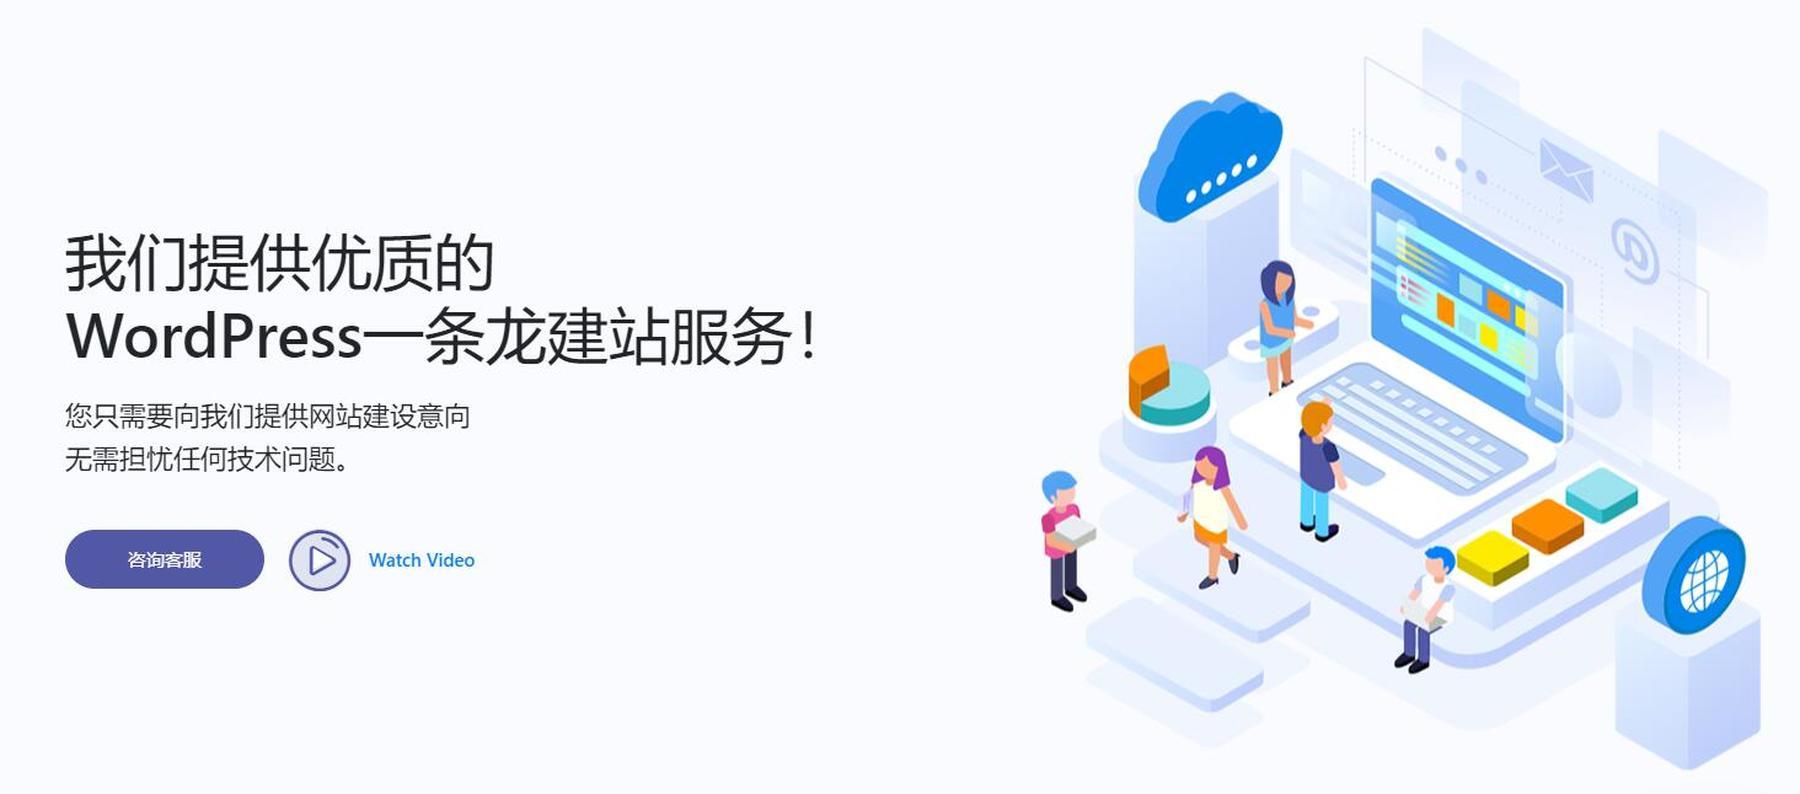 海潮涟漪(天津)网络科技有限公司-产品服务